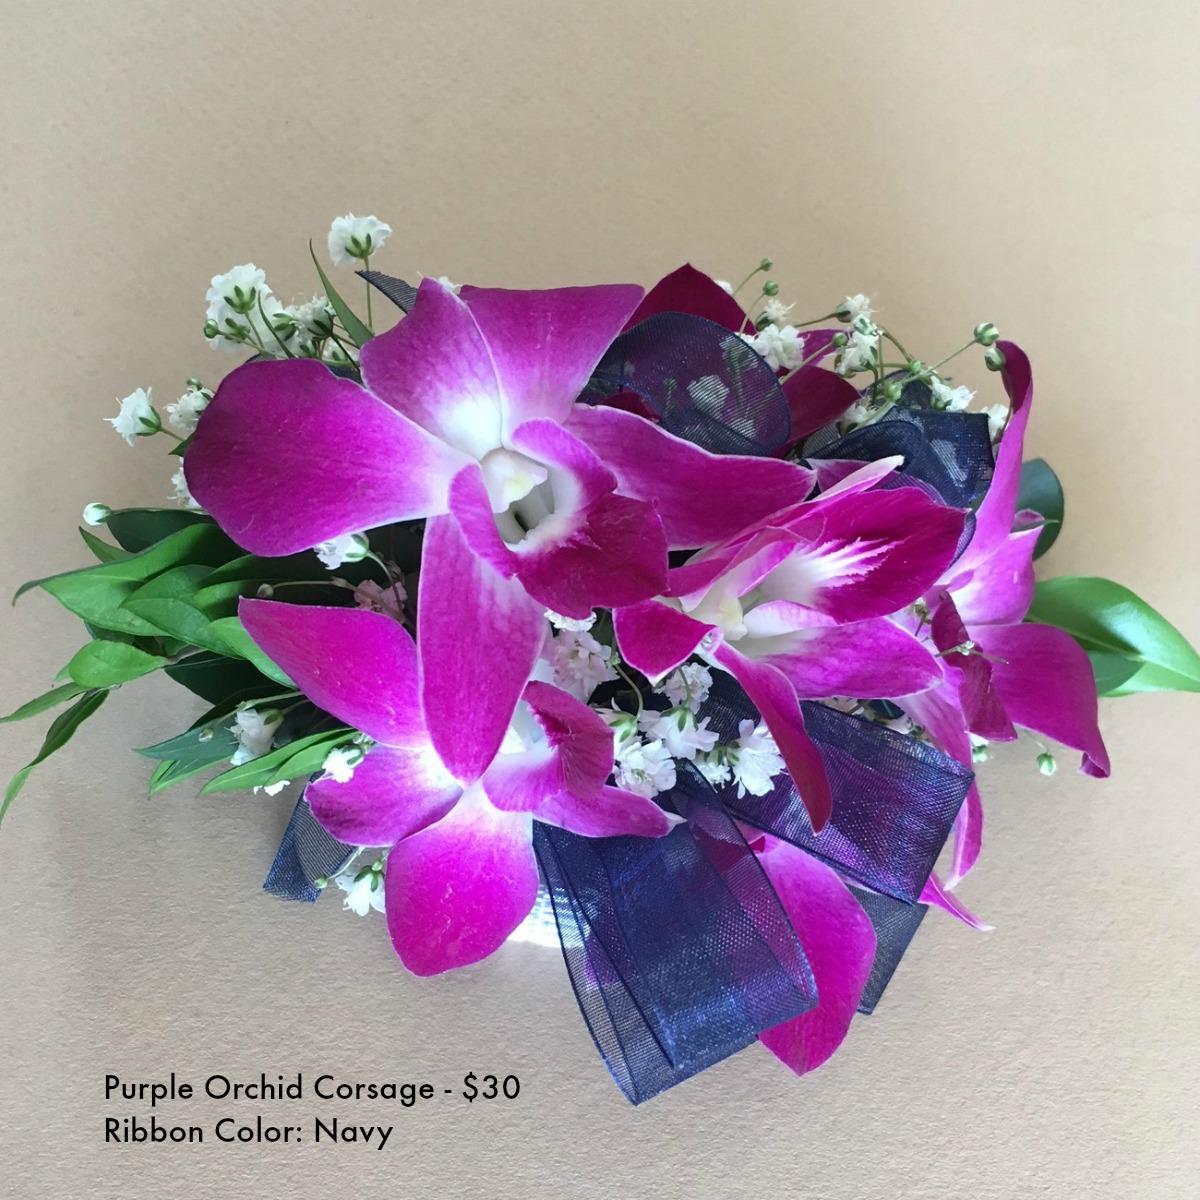 purpleorchidscorsage.jpg